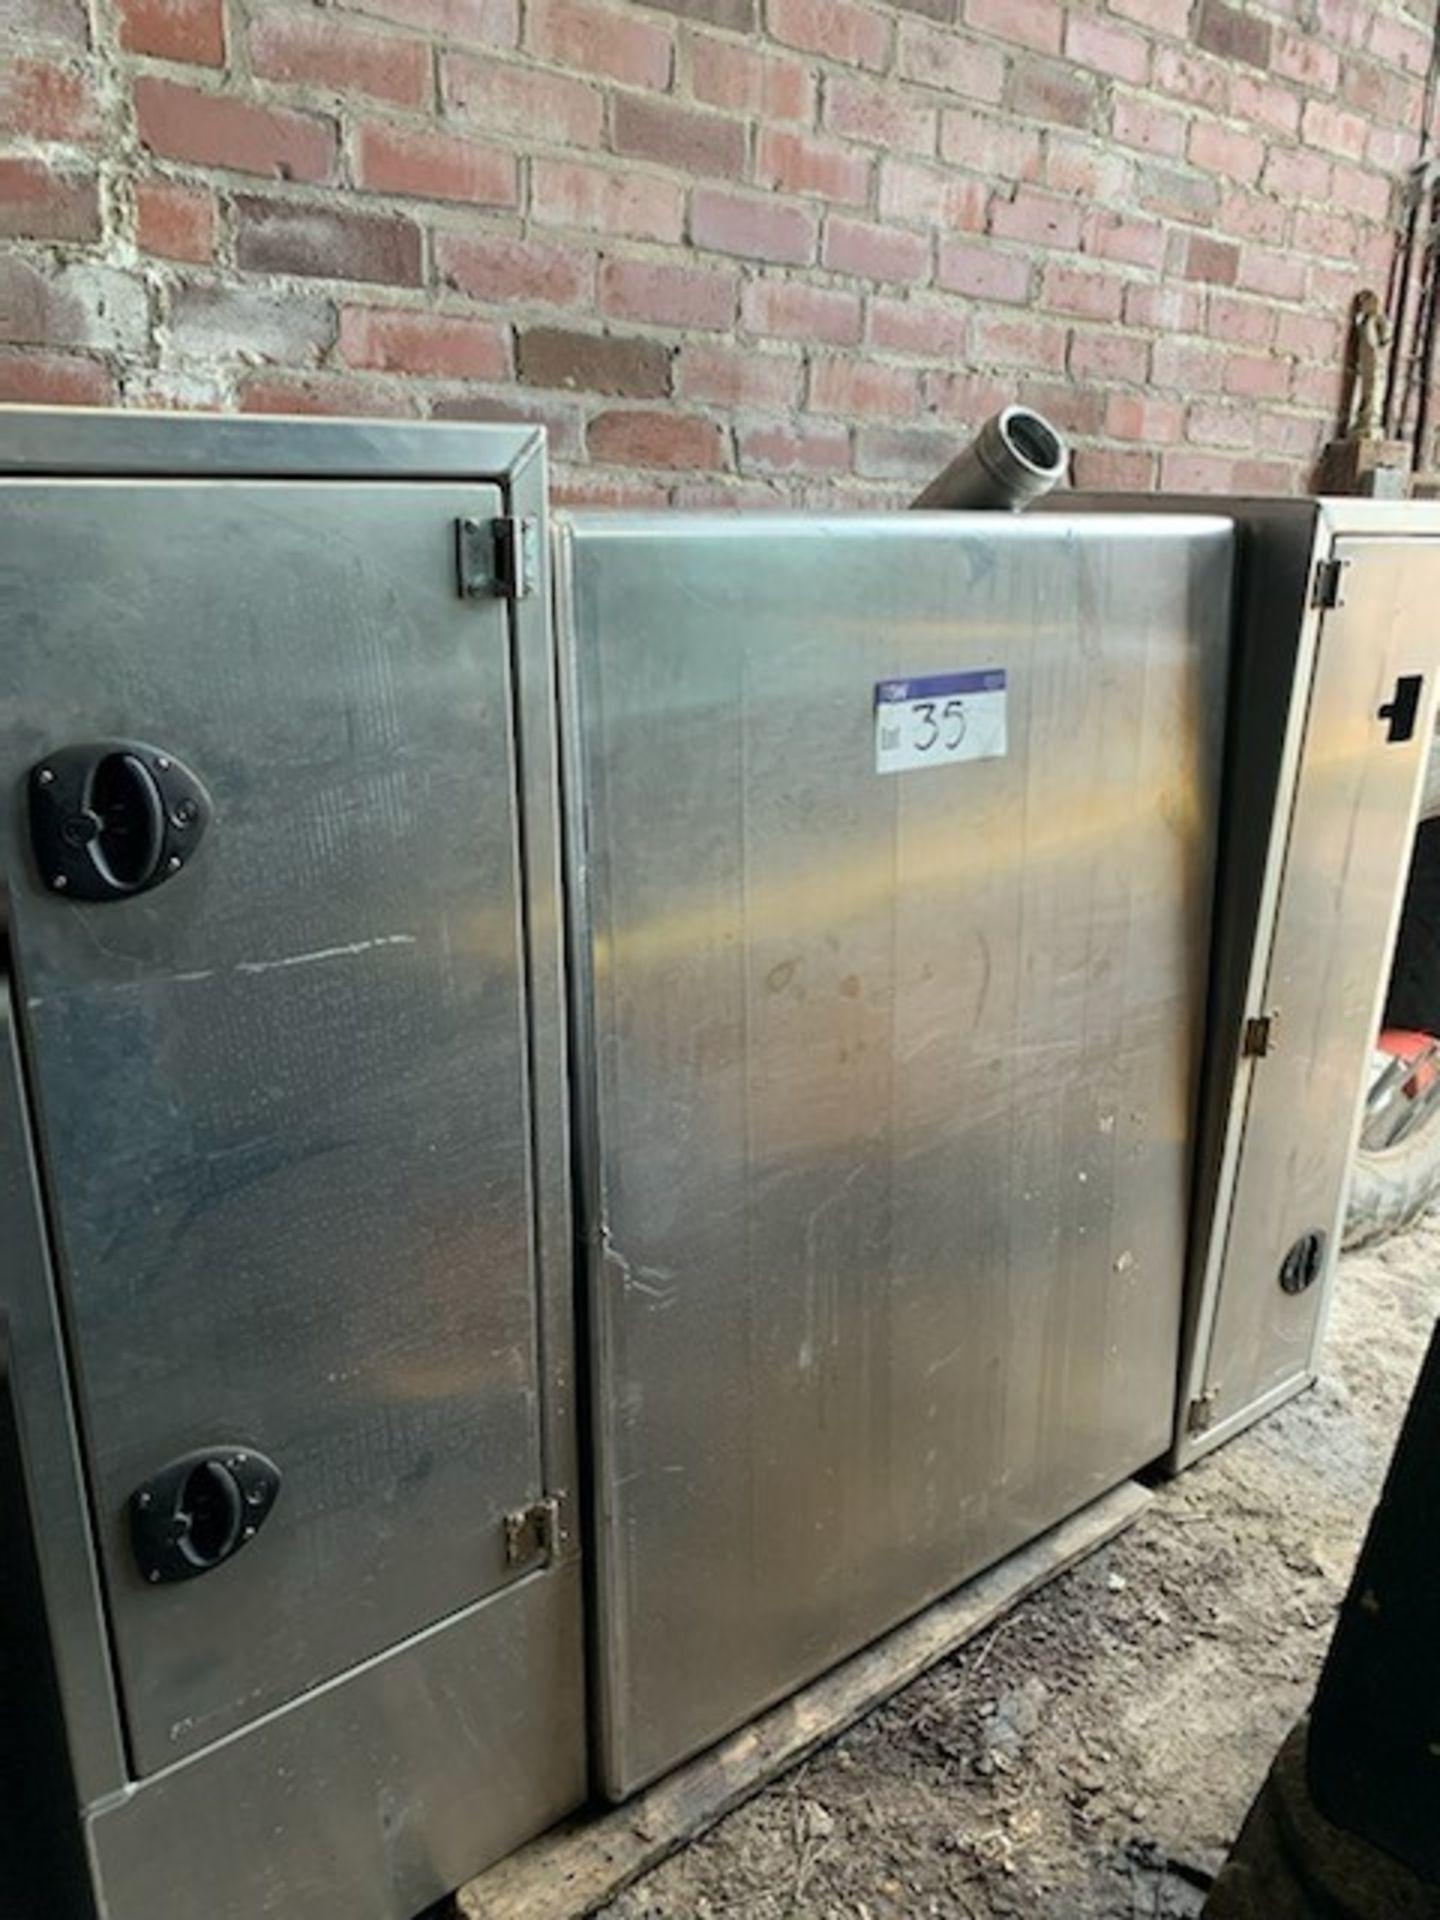 Aluminium Tractor Unit Diesel Tank/ Locker Unit, tank approx. 1070mm x 500mm x 1450mm deep,